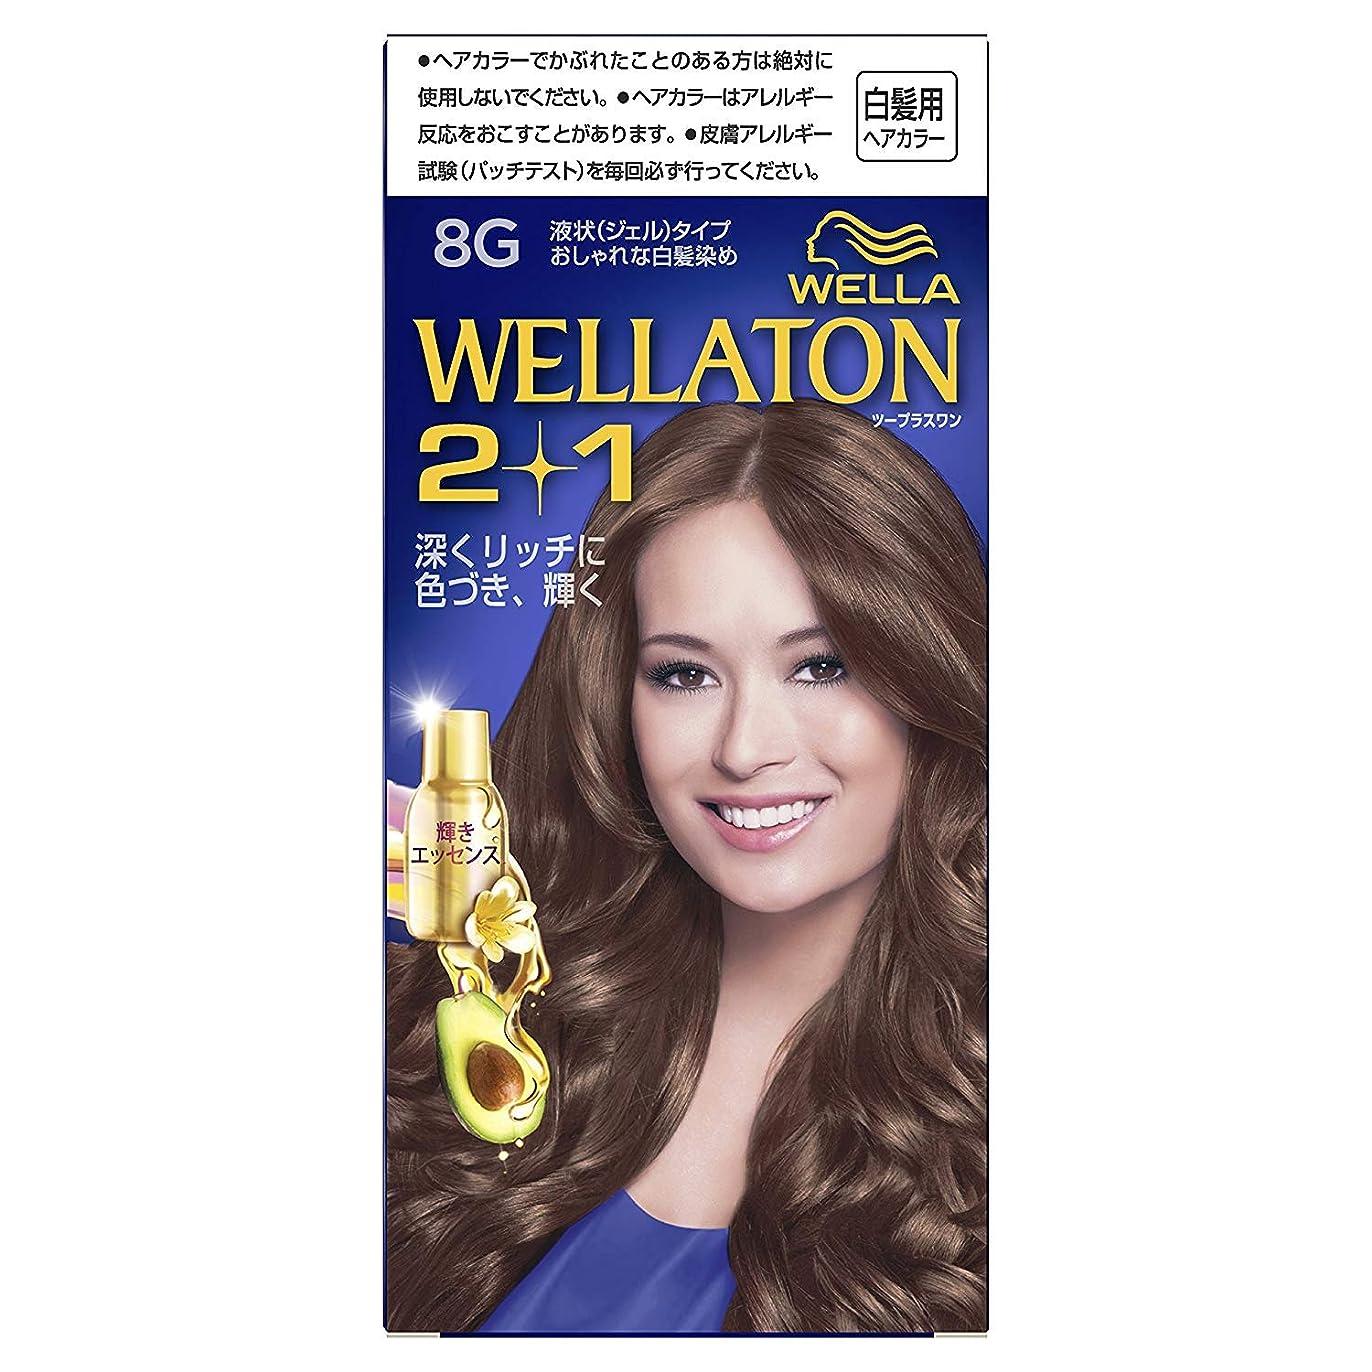 困惑した性能大きさウエラトーン2+1 白髪染め 液状タイプ 8G [医薬部外品] ×6個